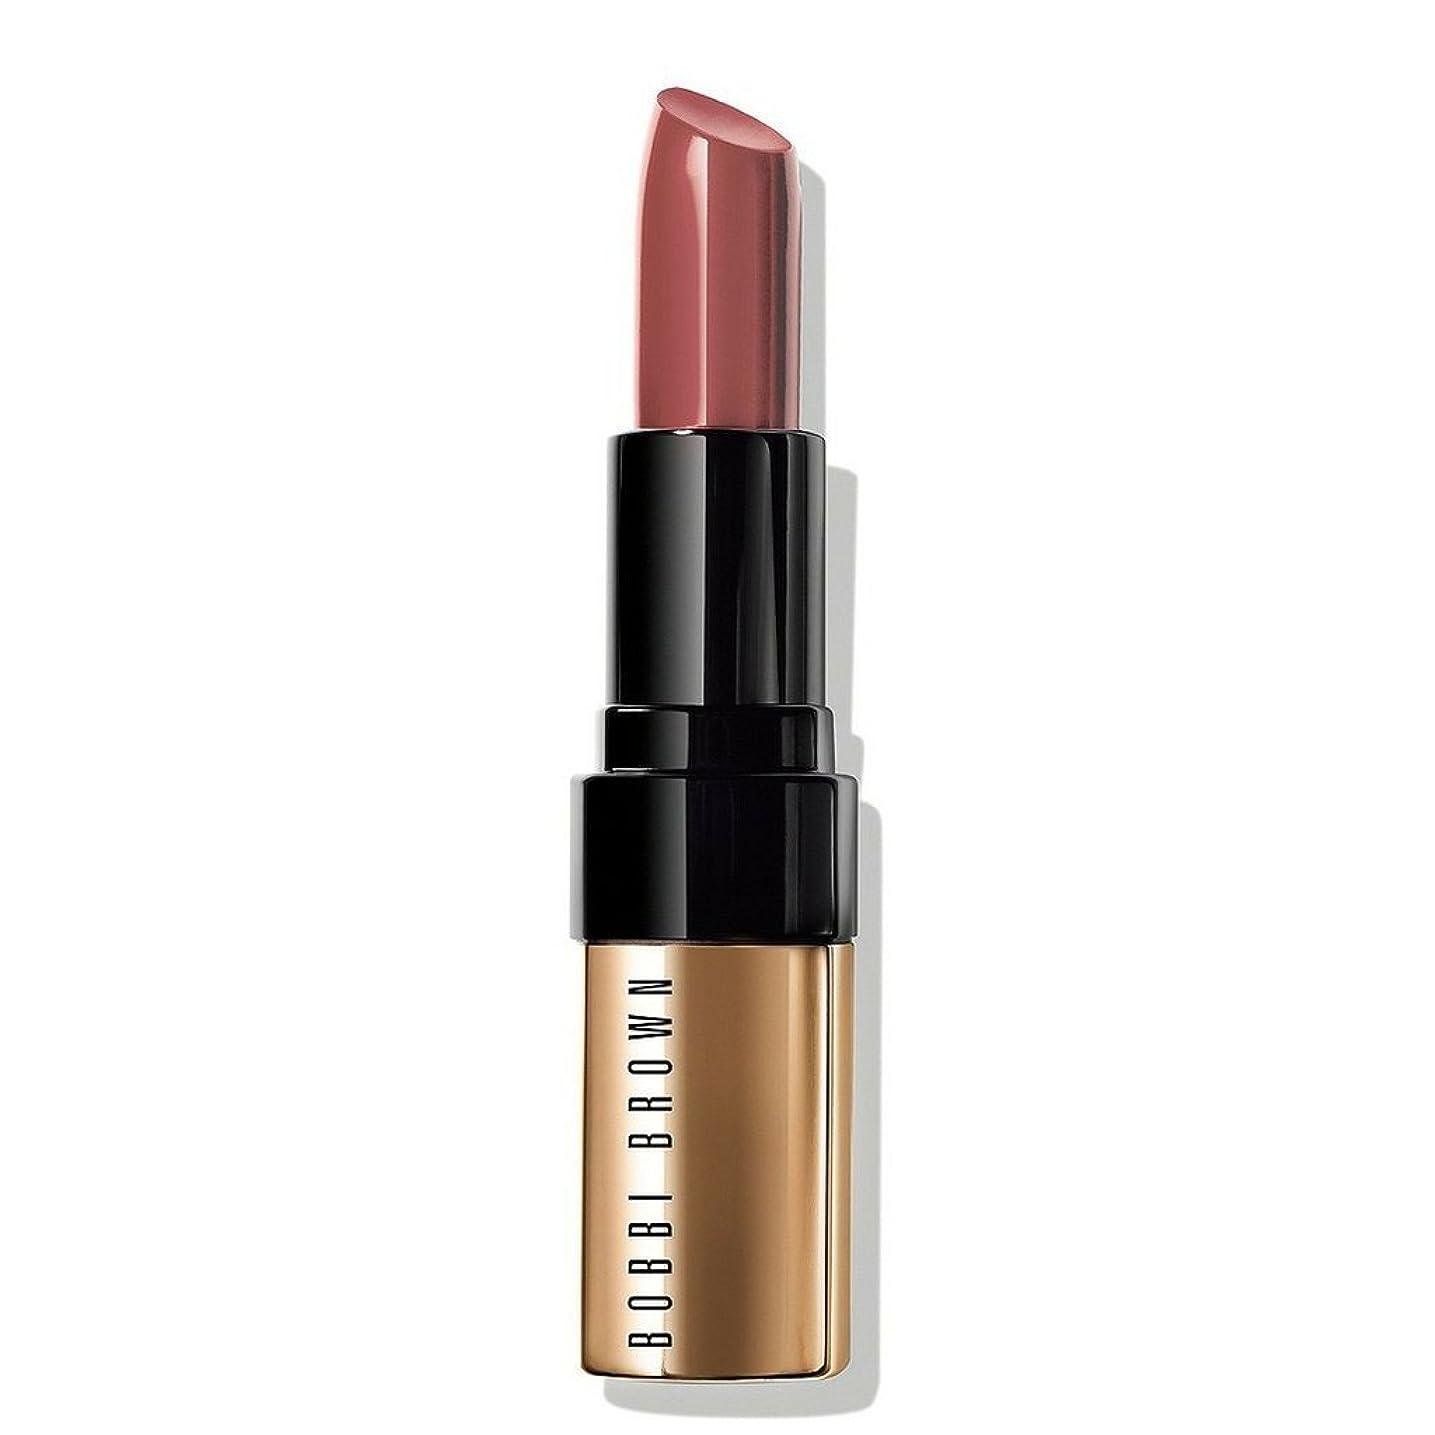 展示会類推愚かなボビイ ブラウン Luxe Lip Color - # Desert Rose 3.8g/0.13oz並行輸入品